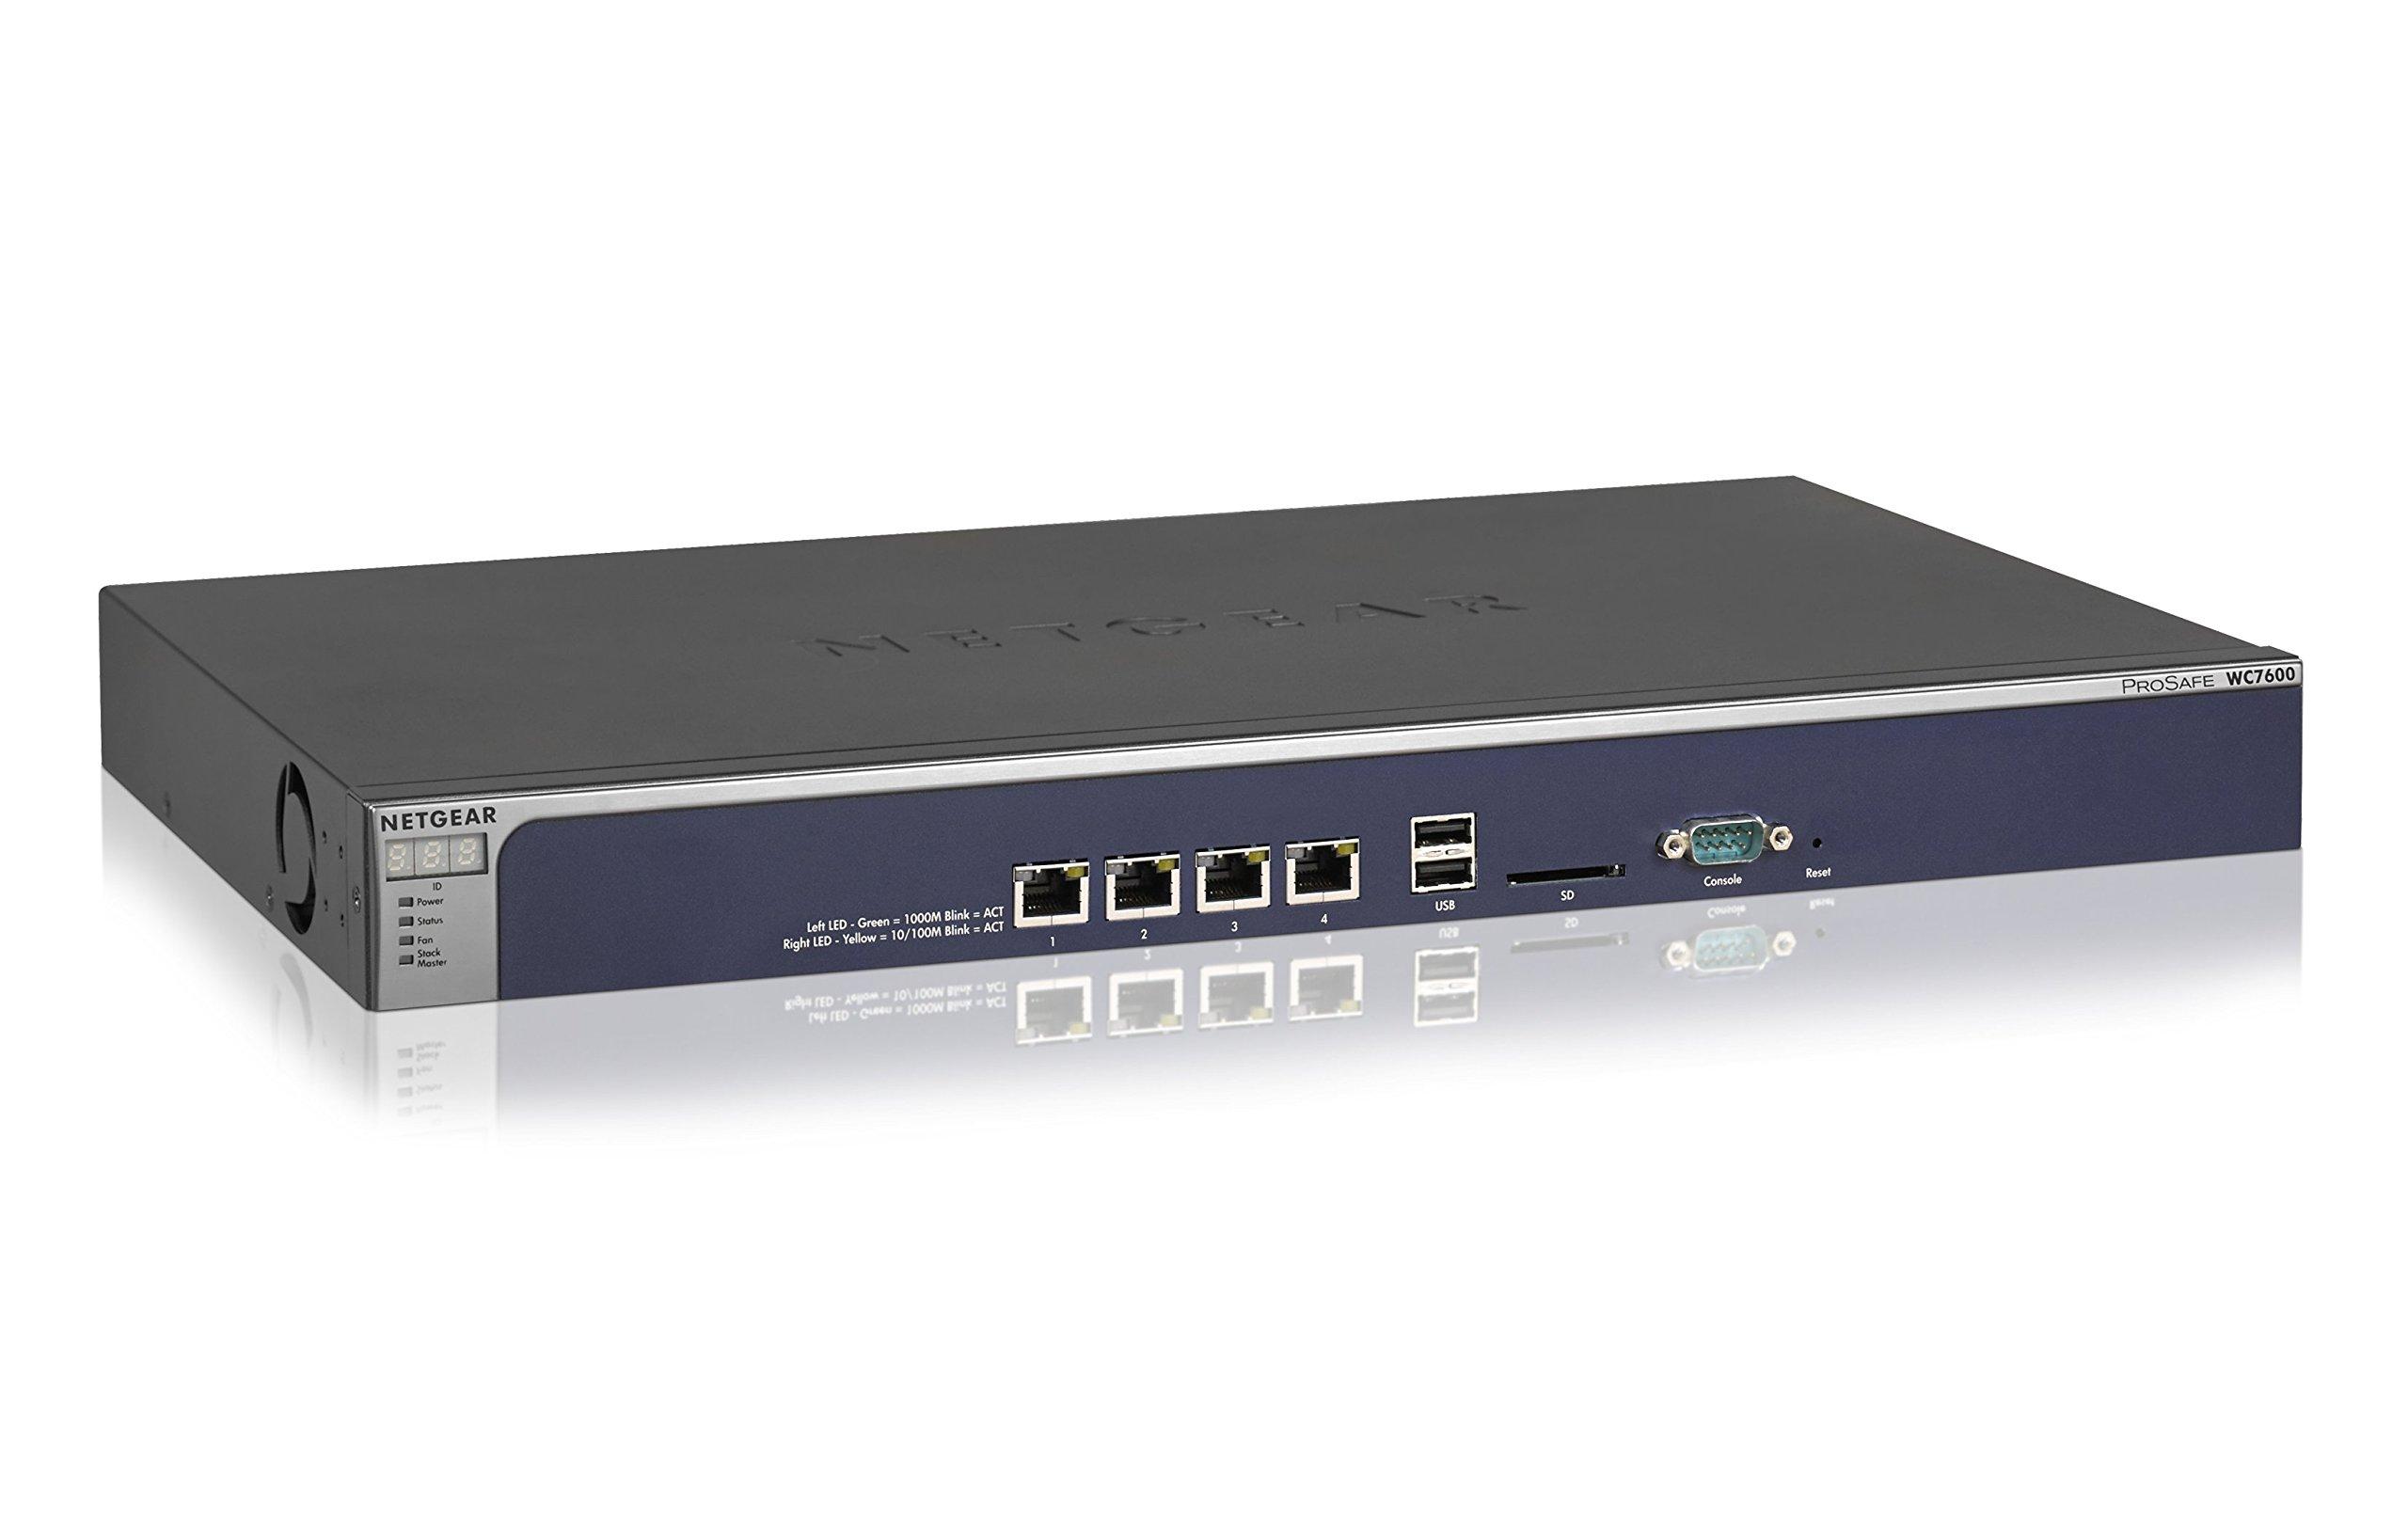 NETGEAR ProSAFE High Performance Enterprise-Class Wireless Controller (WC7600-20000S) by NETGEAR